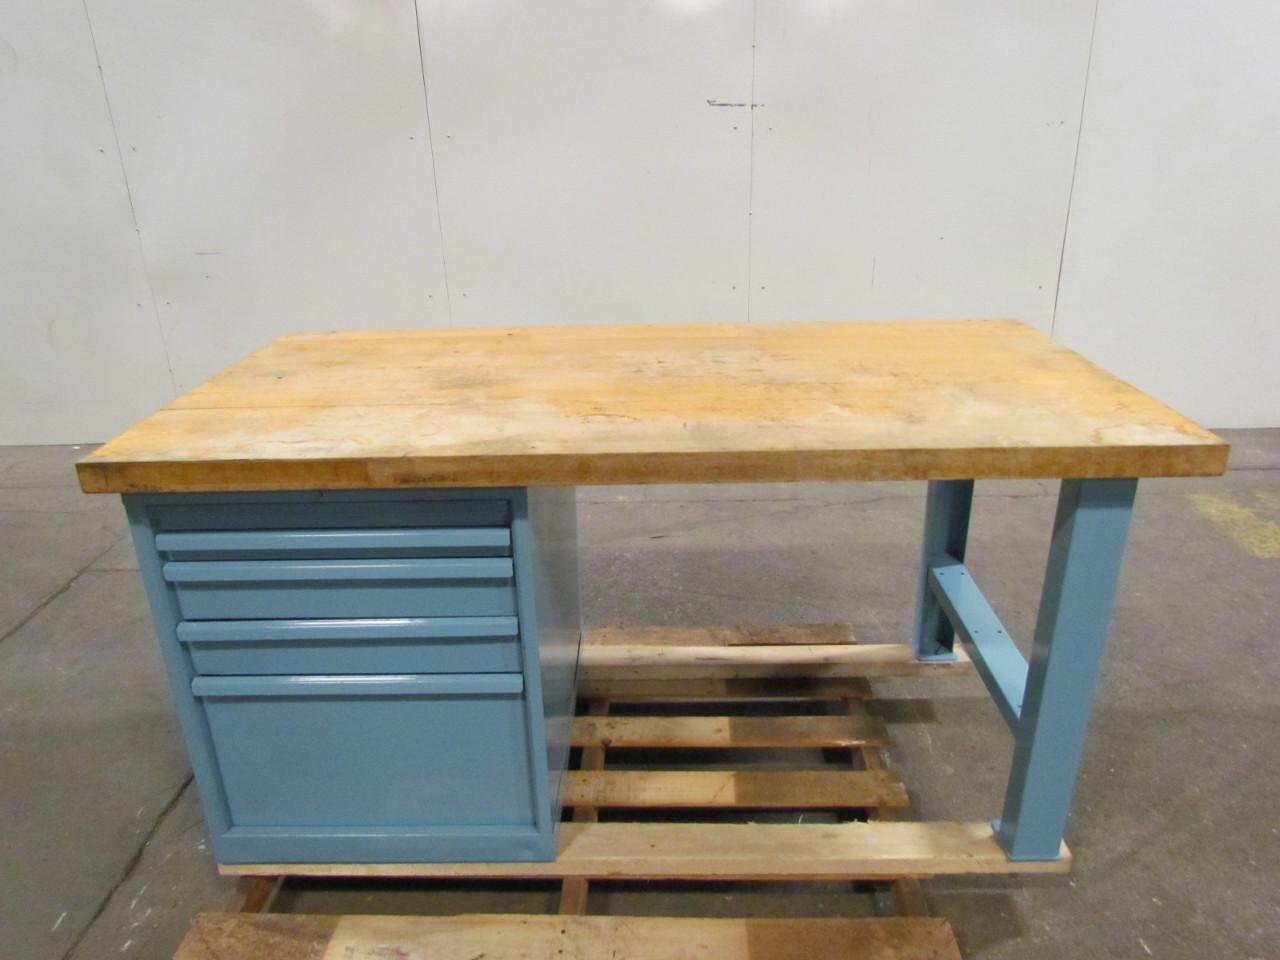 butcher block work bench 60 quot wx30 5 16 quot dx29 1 2 quot h 22 1 2 quot w